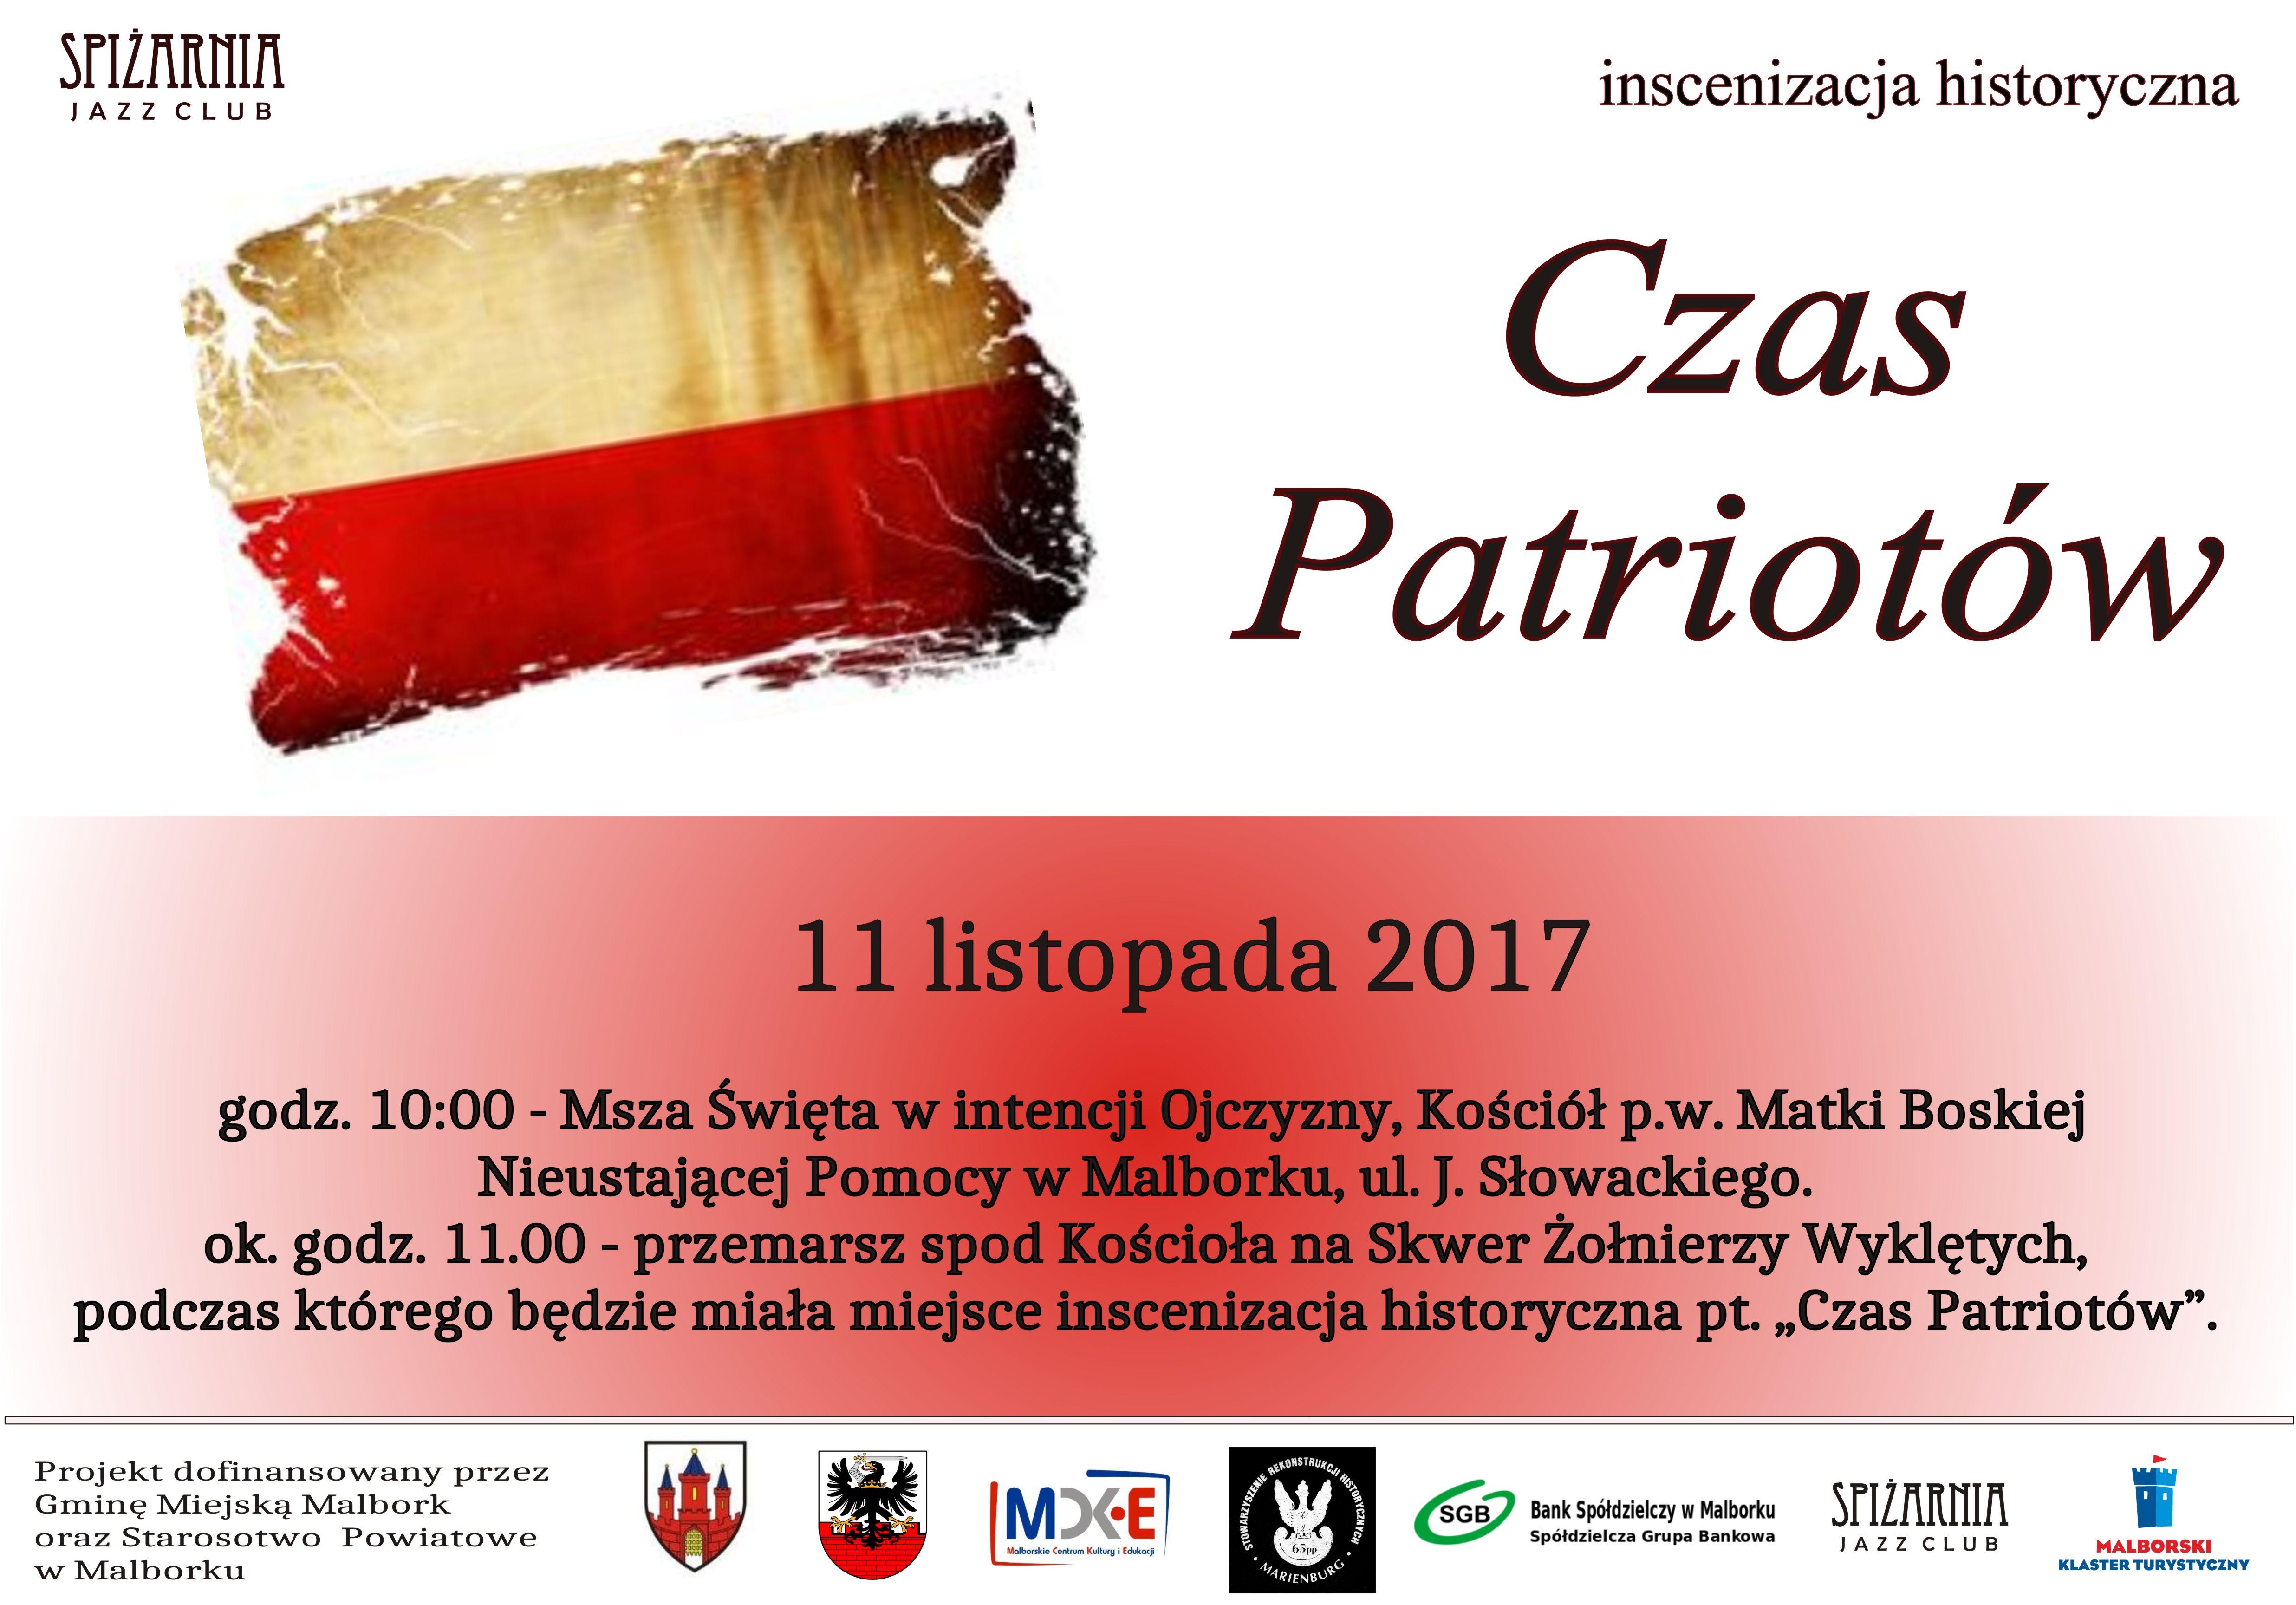 http://m.82-200.pl/2017/11/orig/czas-patriotow-1935.jpg